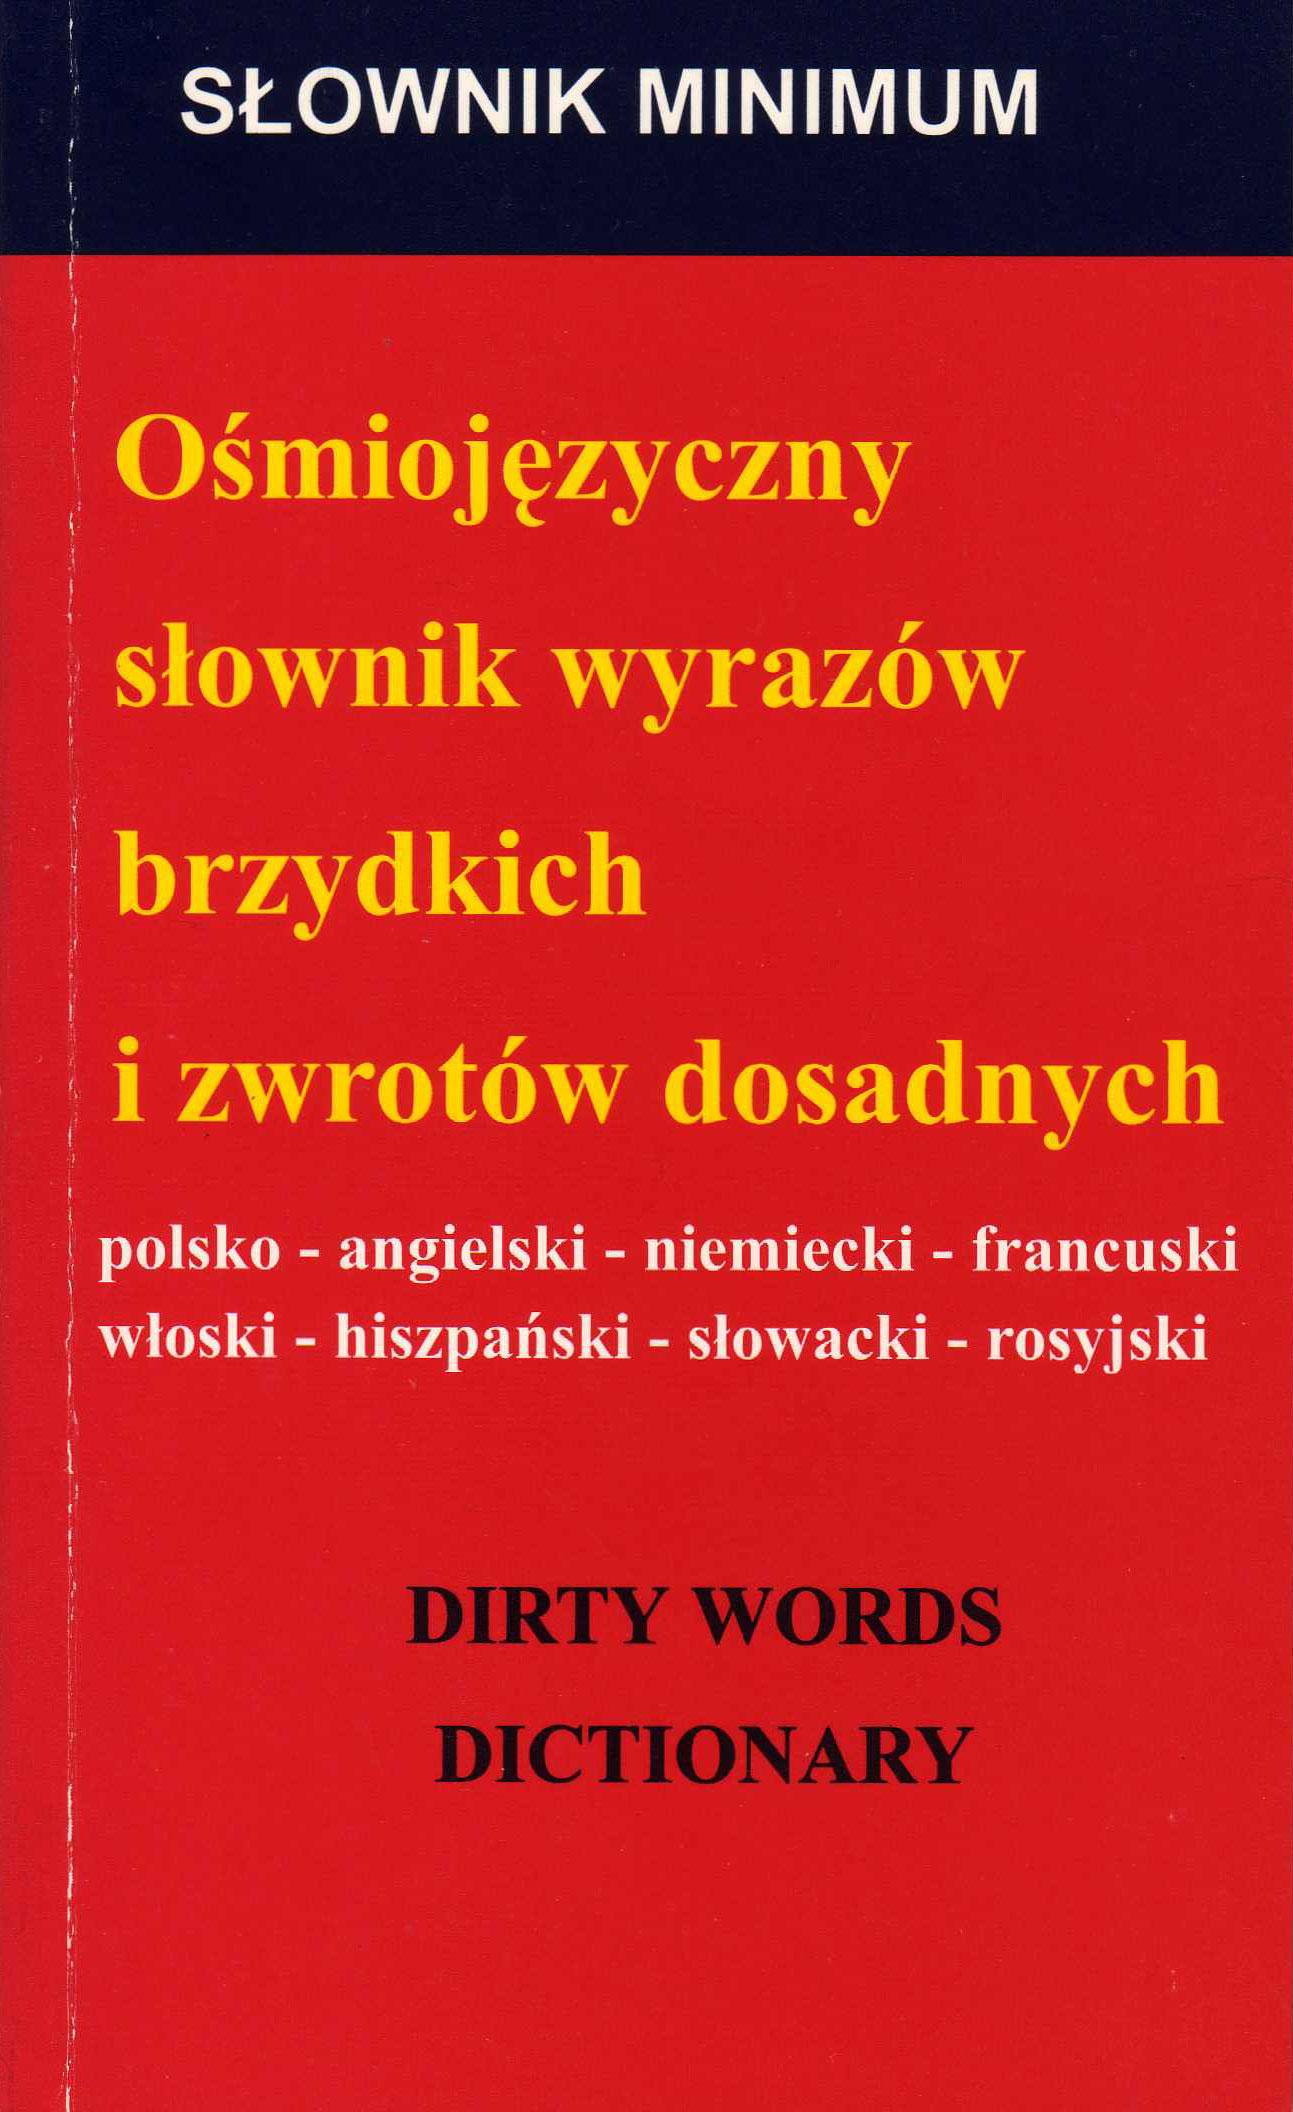 Słownik wyrazów brzydkich